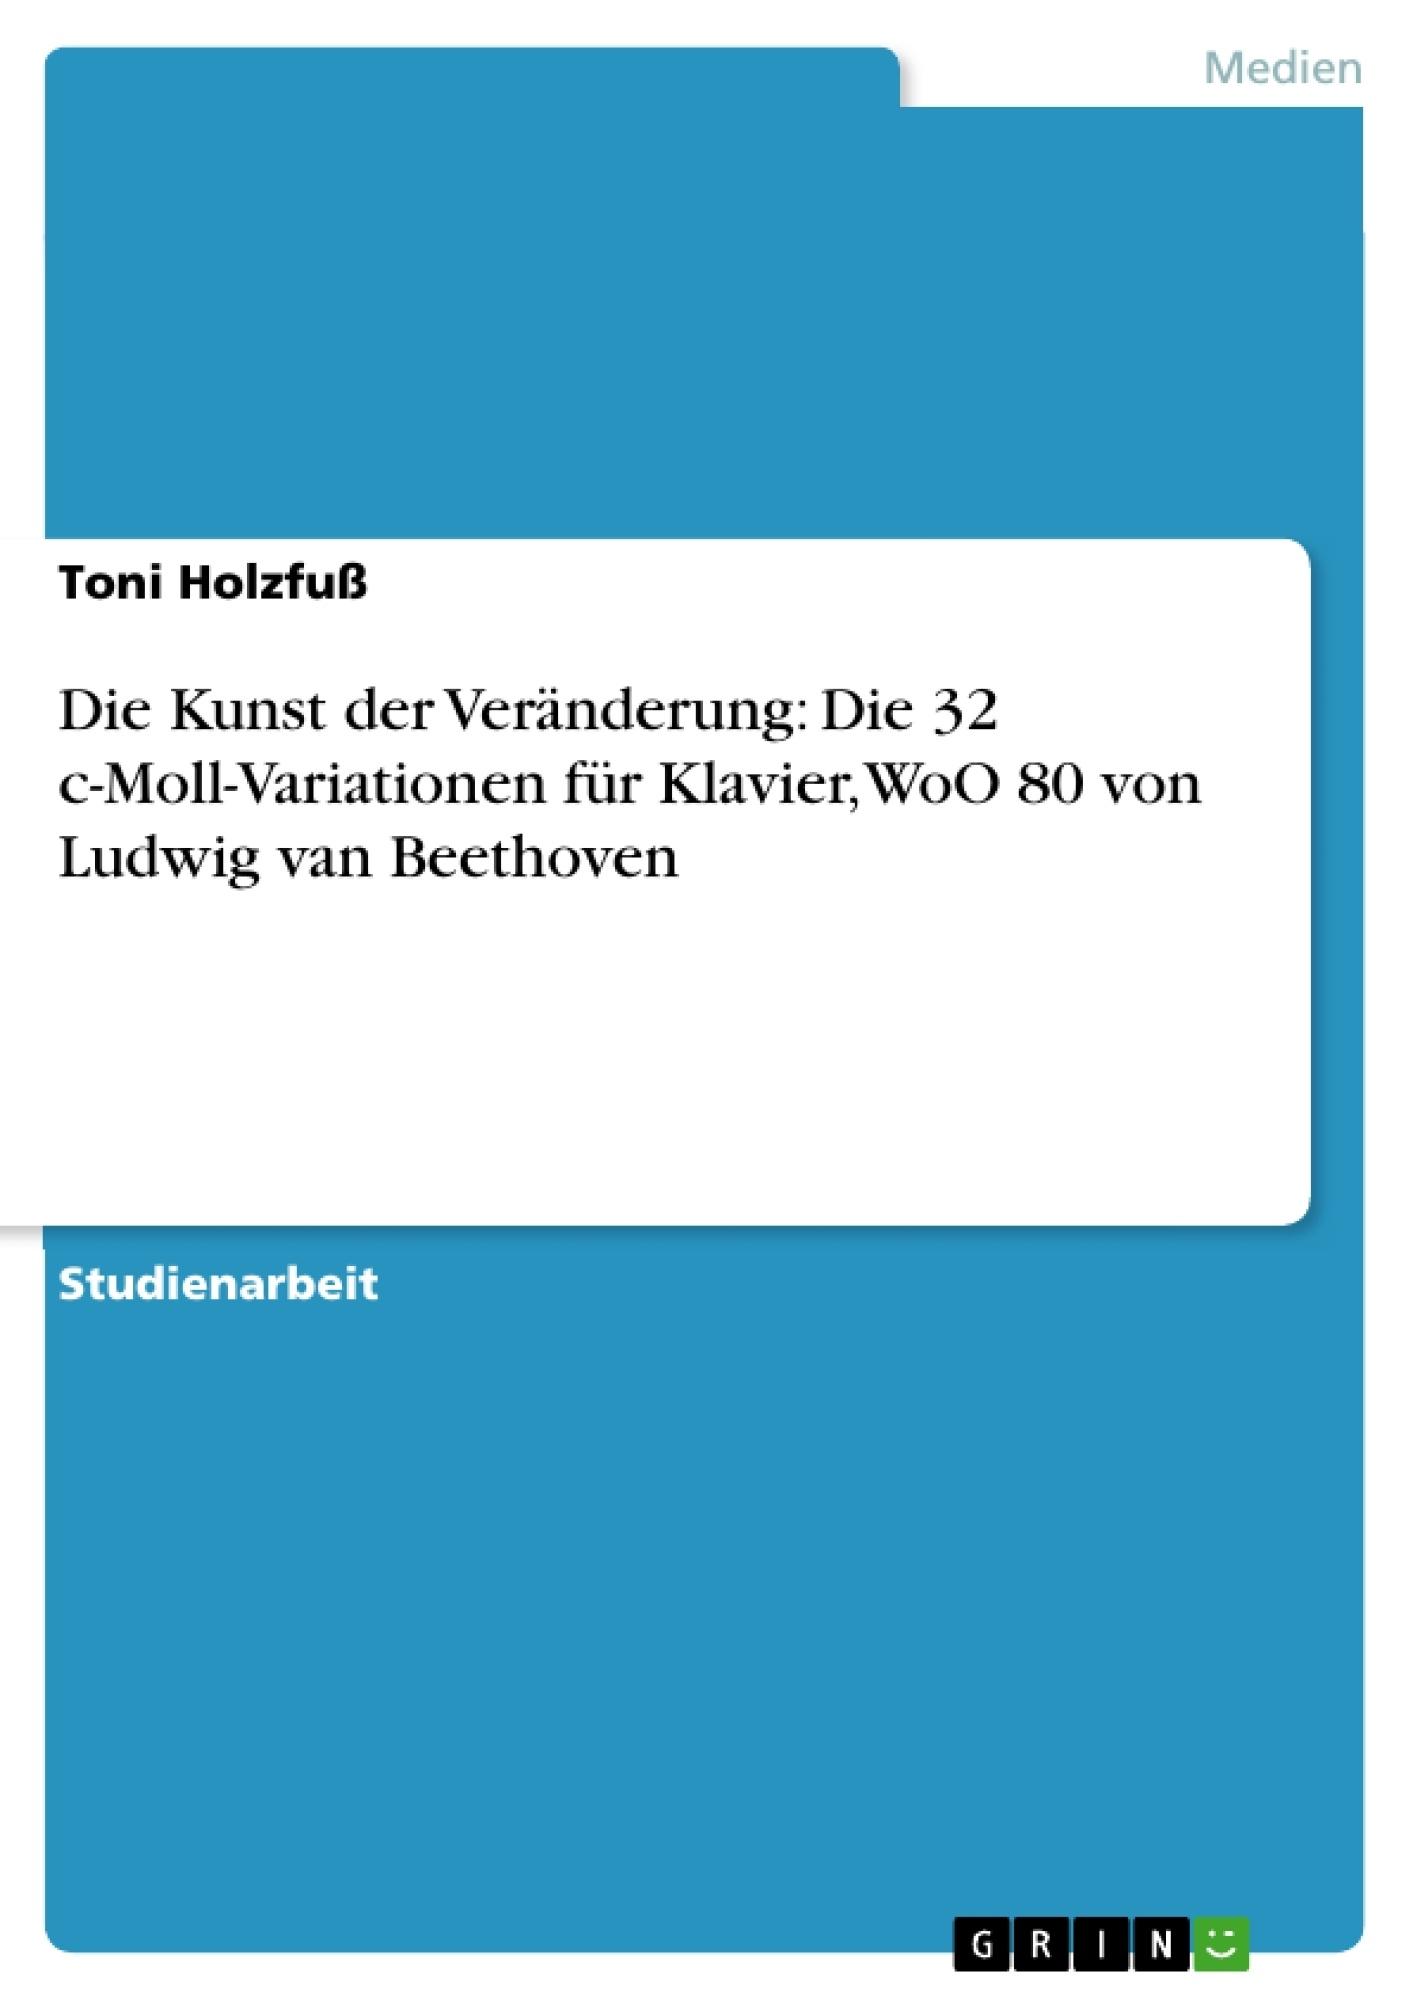 Titel: Die Kunst der Veränderung: Die 32 c-Moll-Variationen für Klavier, WoO 80 von Ludwig van Beethoven